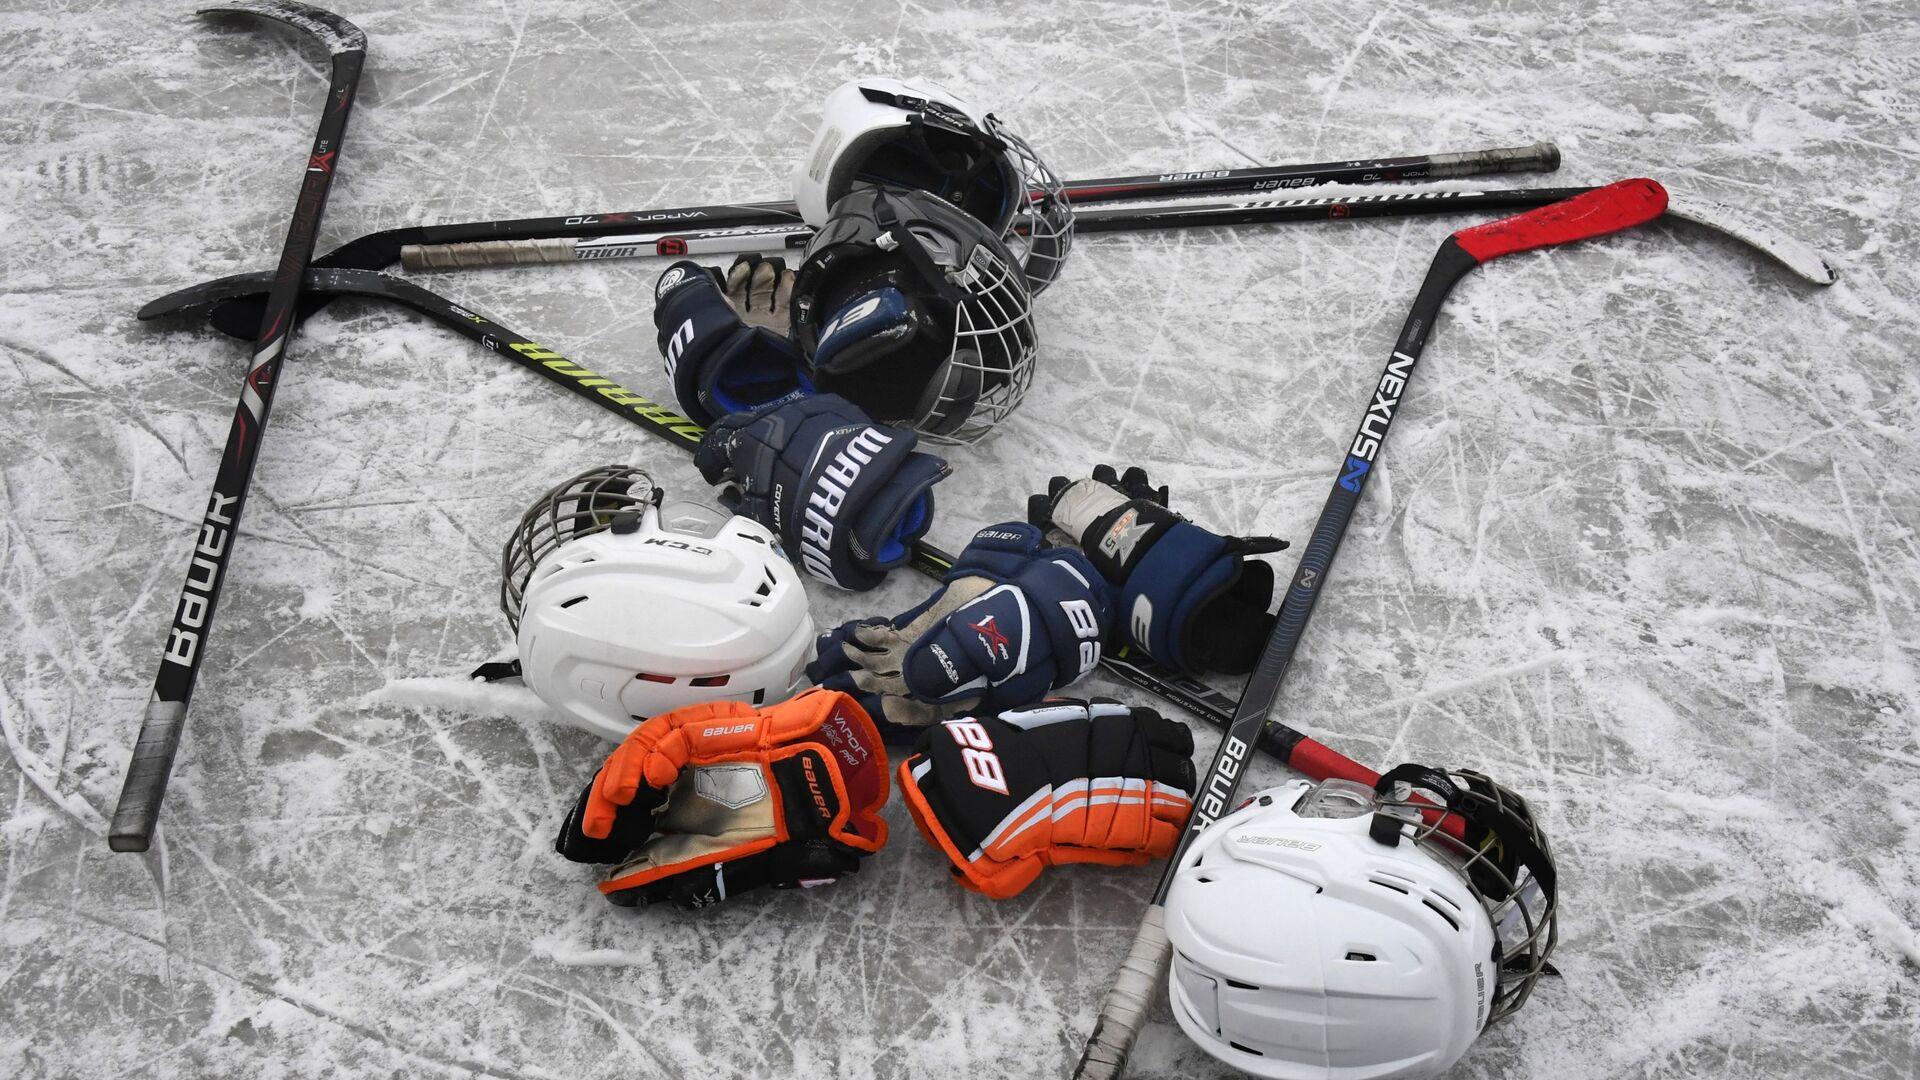 Клюшки, шлемы и перчатки на льду - РИА Новости, 1920, 08.01.2021